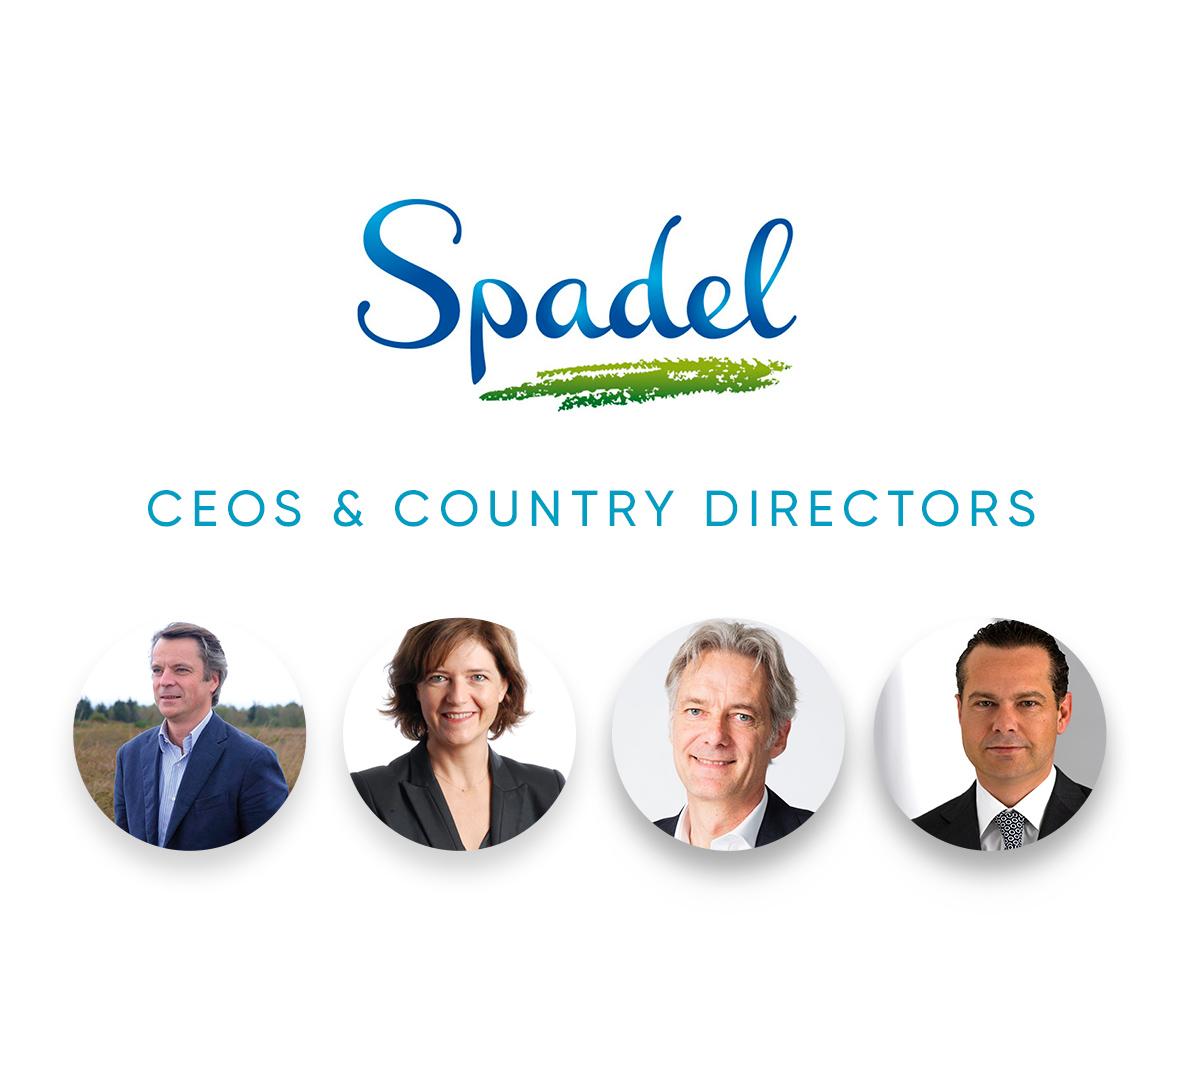 CEOS & Spadel C.D. (.zip)